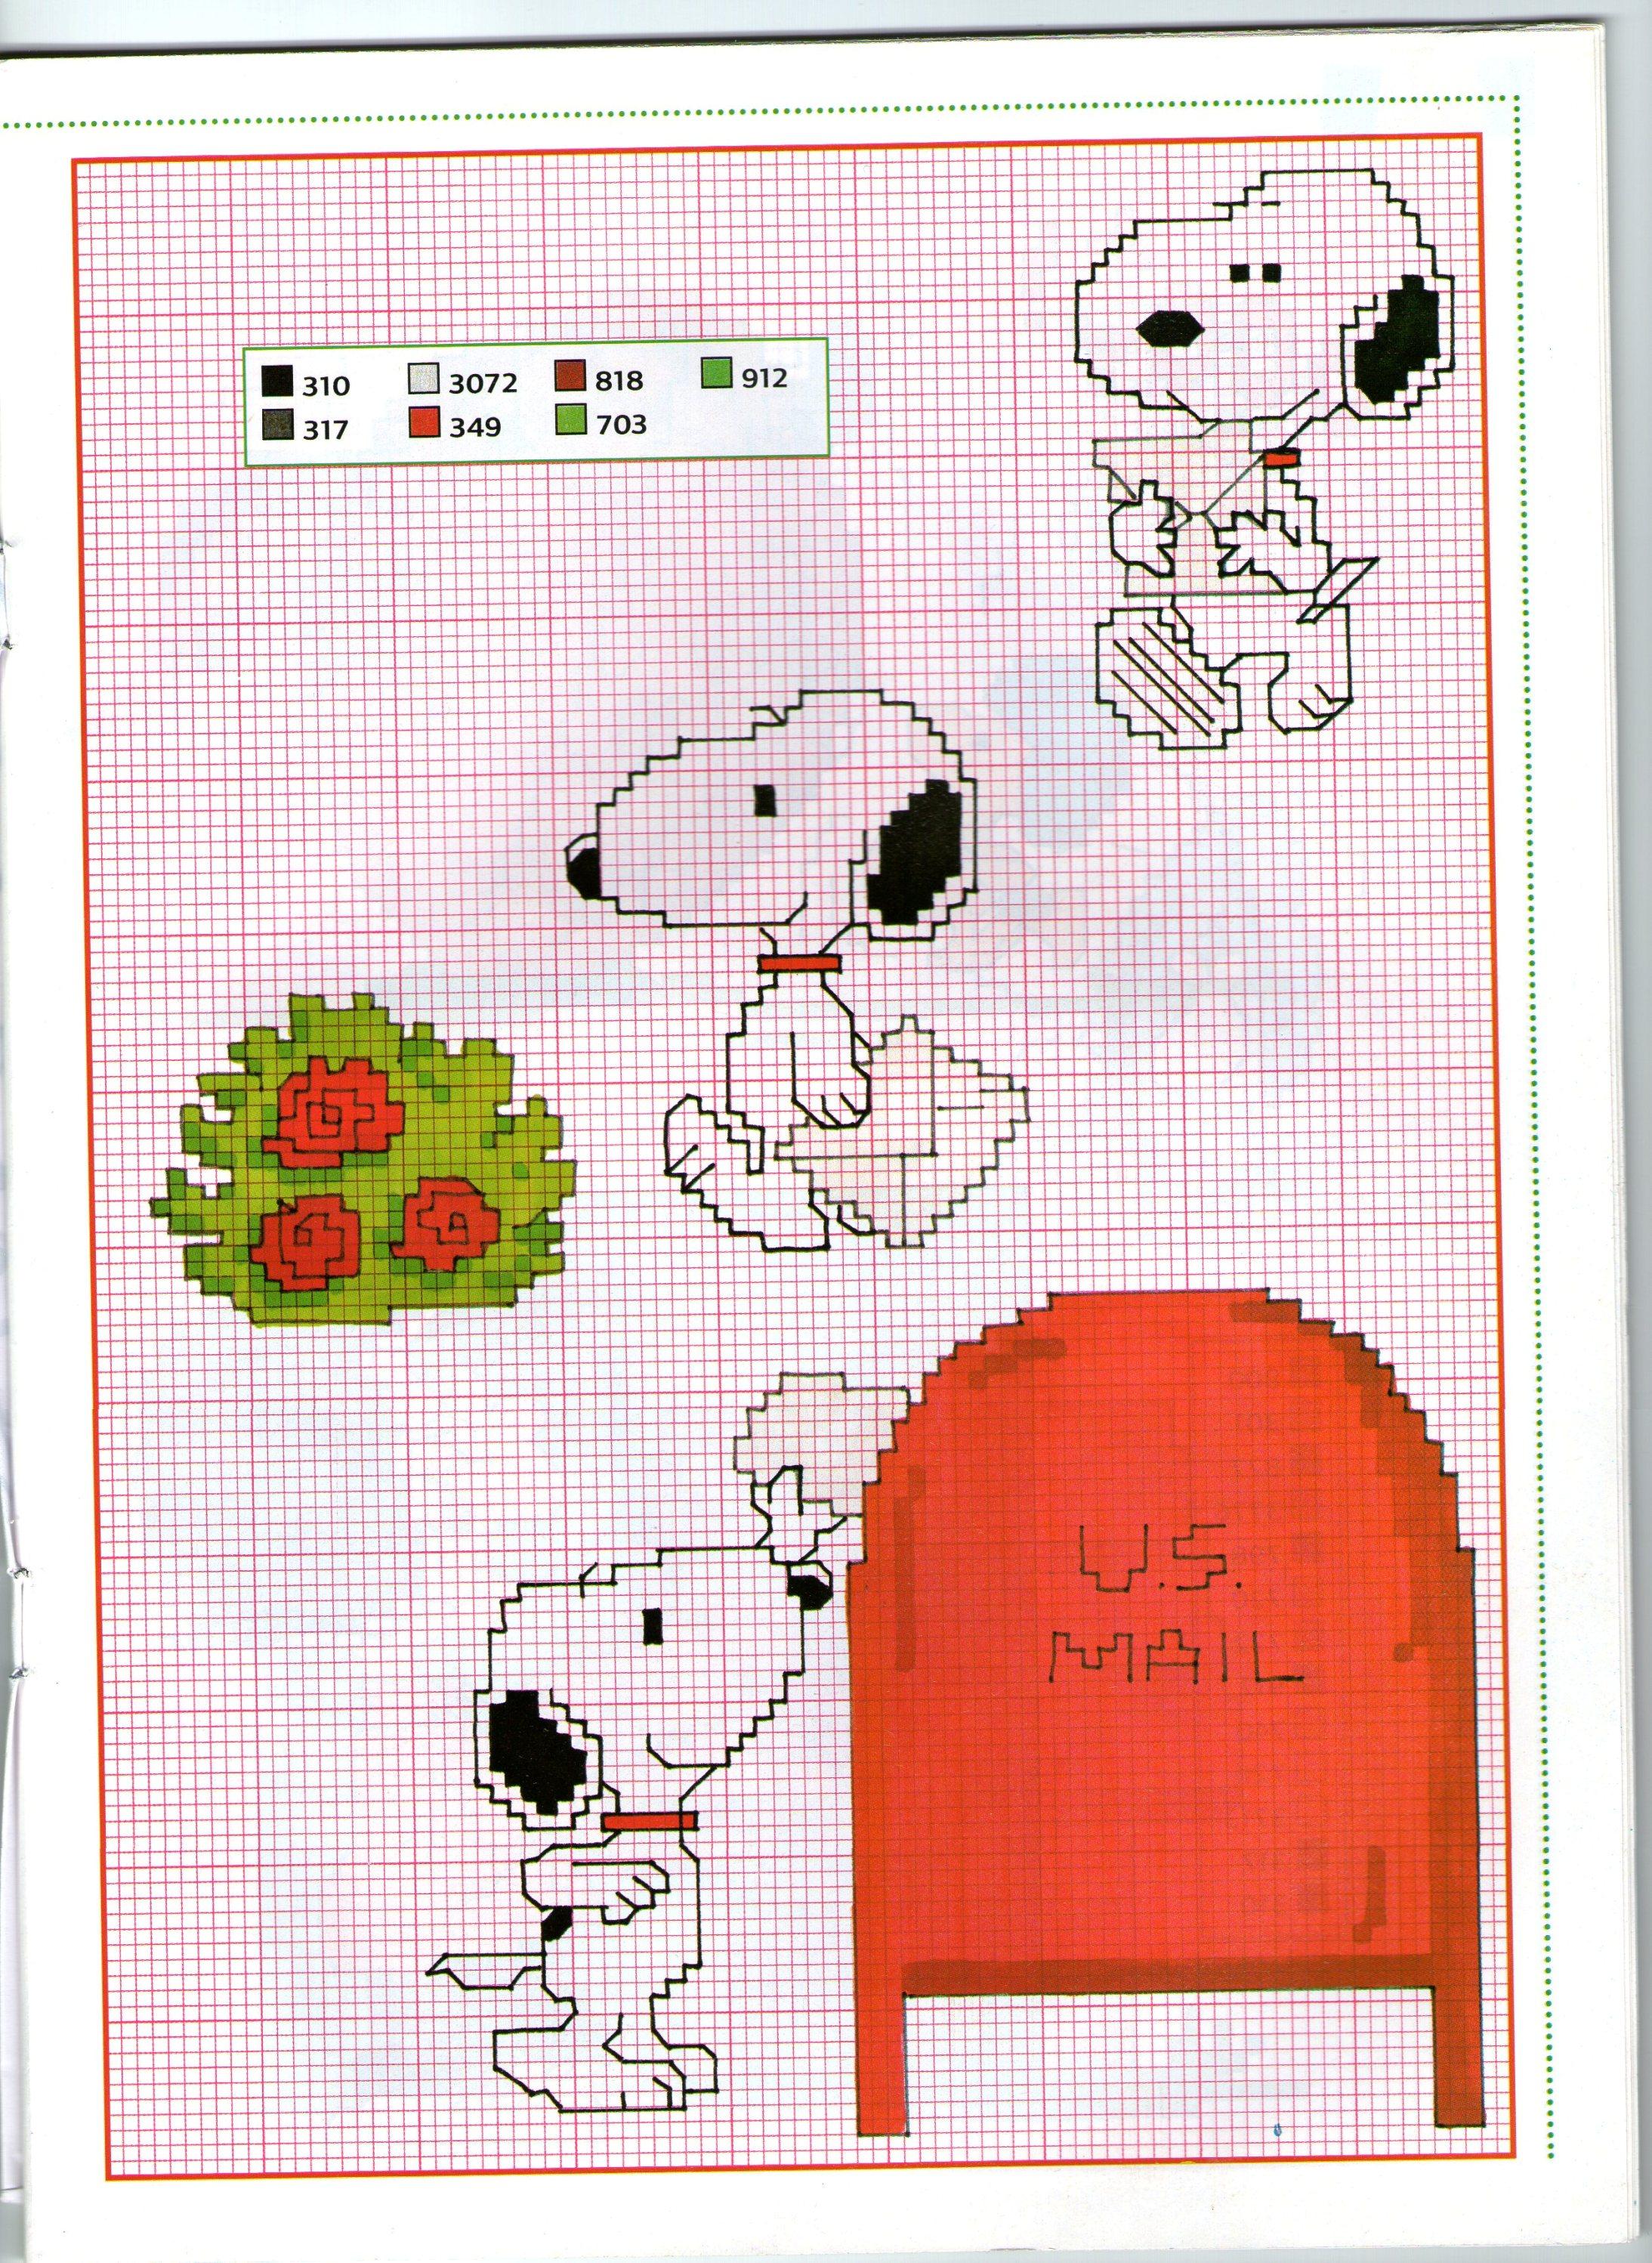 FREE AMIGURUMI PATTERN: Woodstock from Peanuts | Crochet patterns ... | 2995x2187